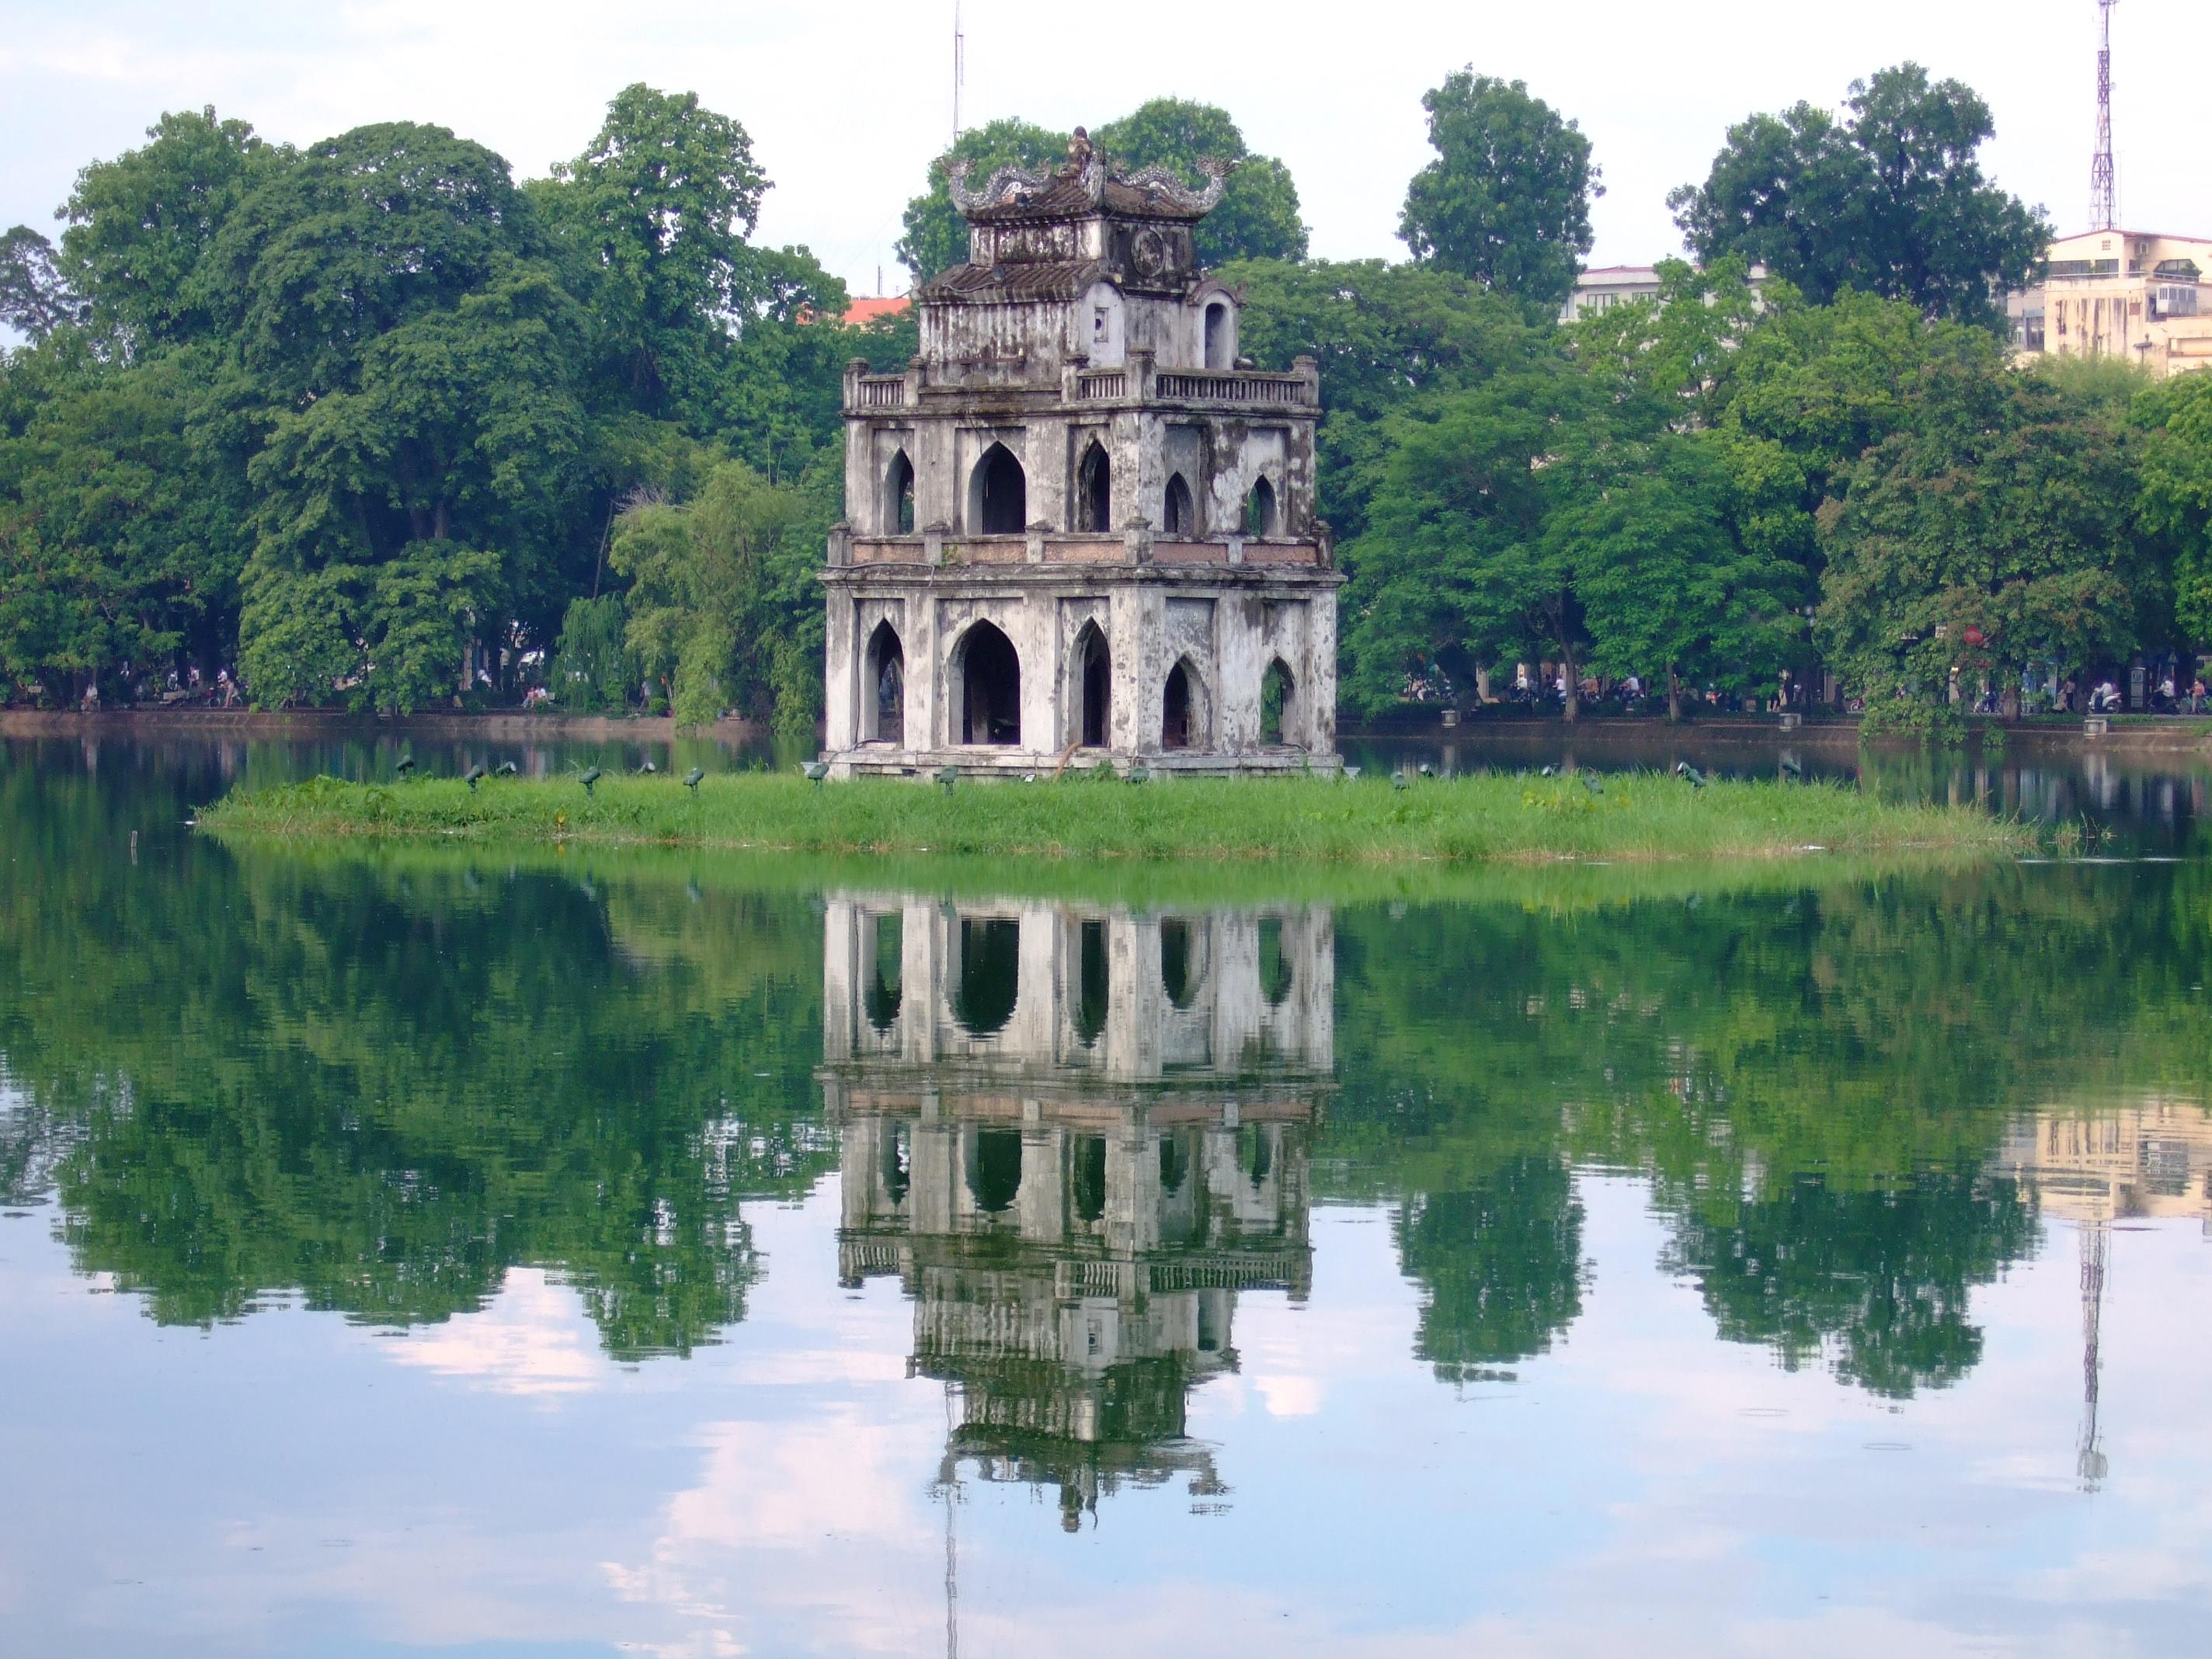 Bán nhớt Motul giá rẻ tại Hà Nội